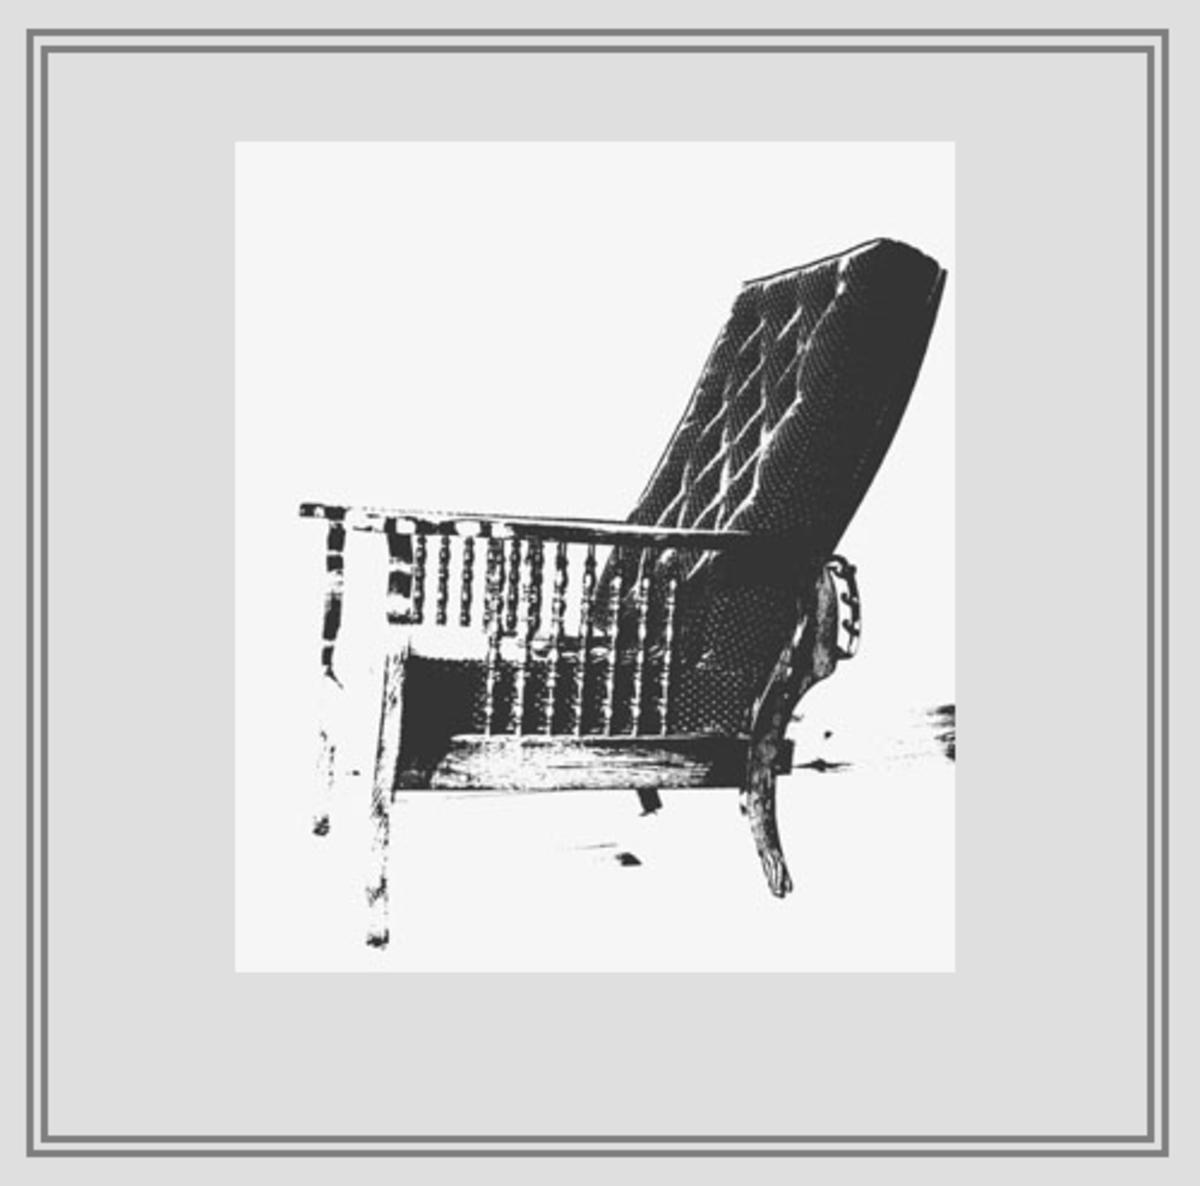 Famous William Morris chair design